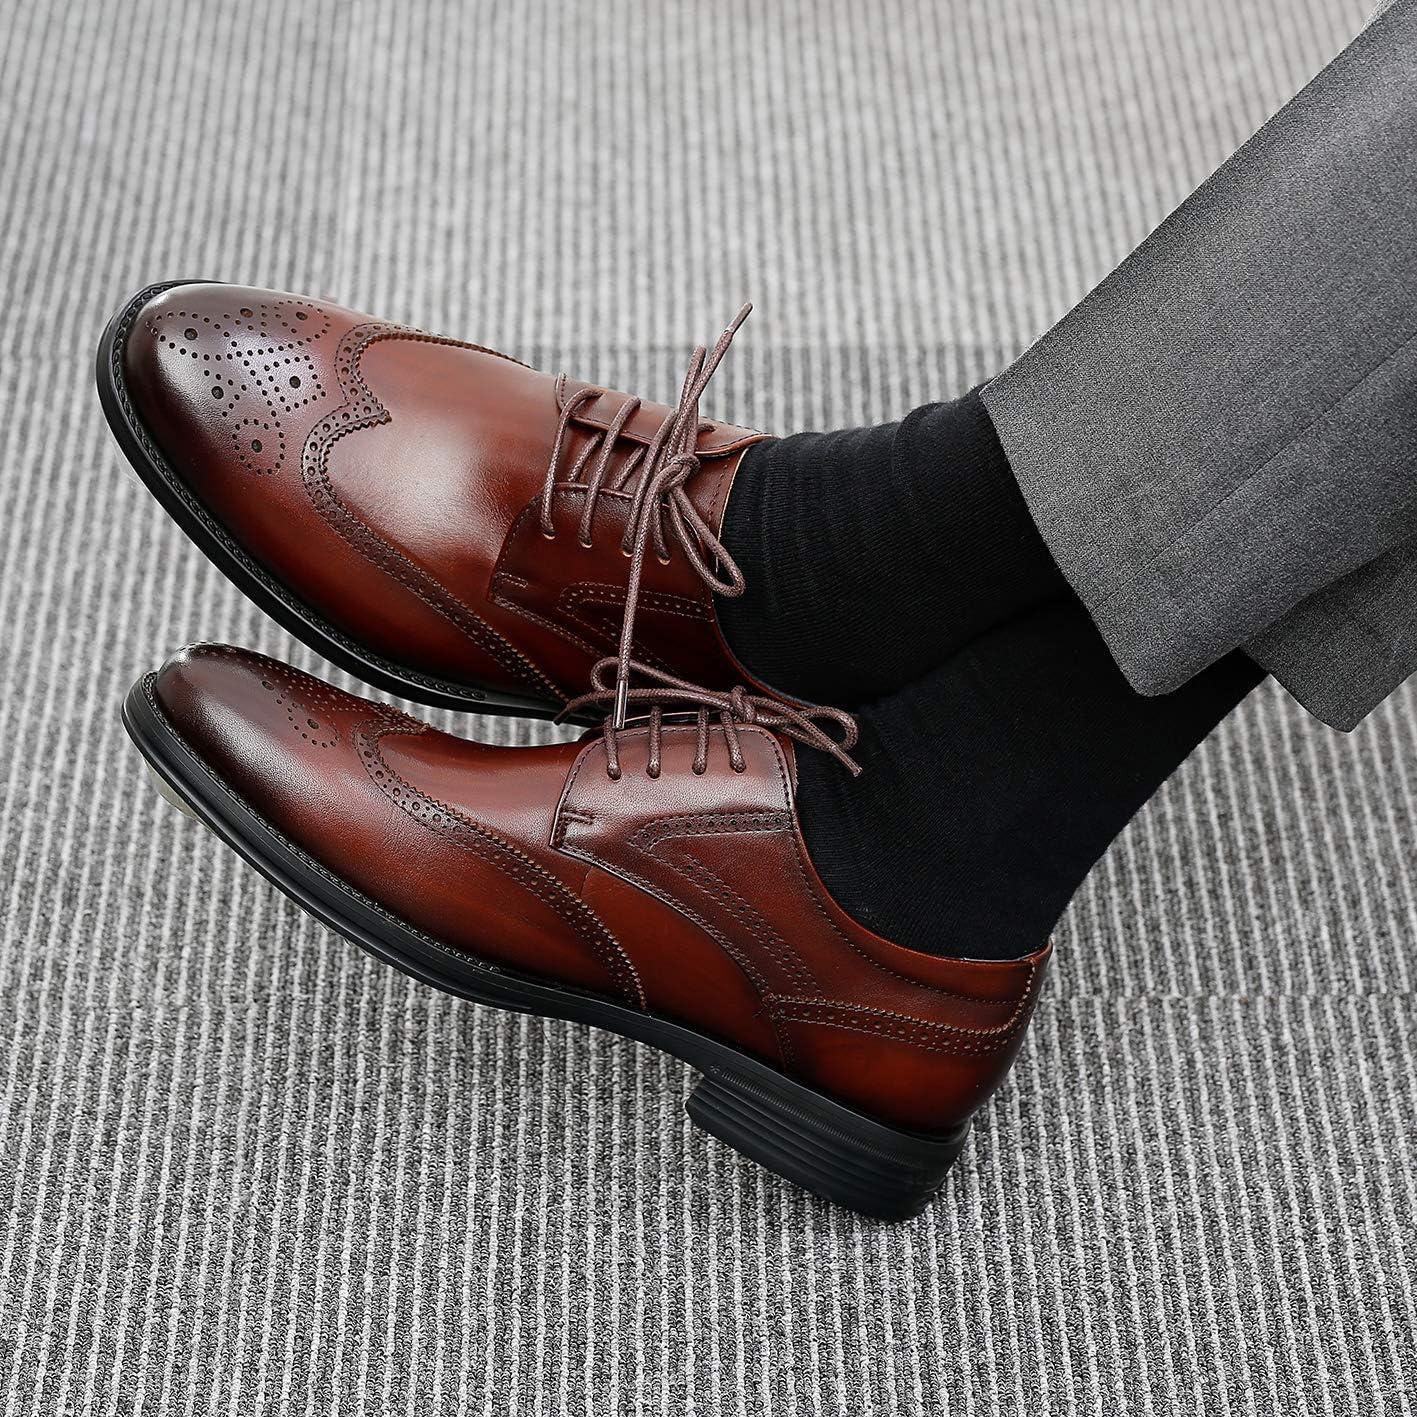 SPEEDLIFE 10 Paar Socken Herren Damen Baumwollsocken Schwarz f/ür Business Komfort-Bund Unisex